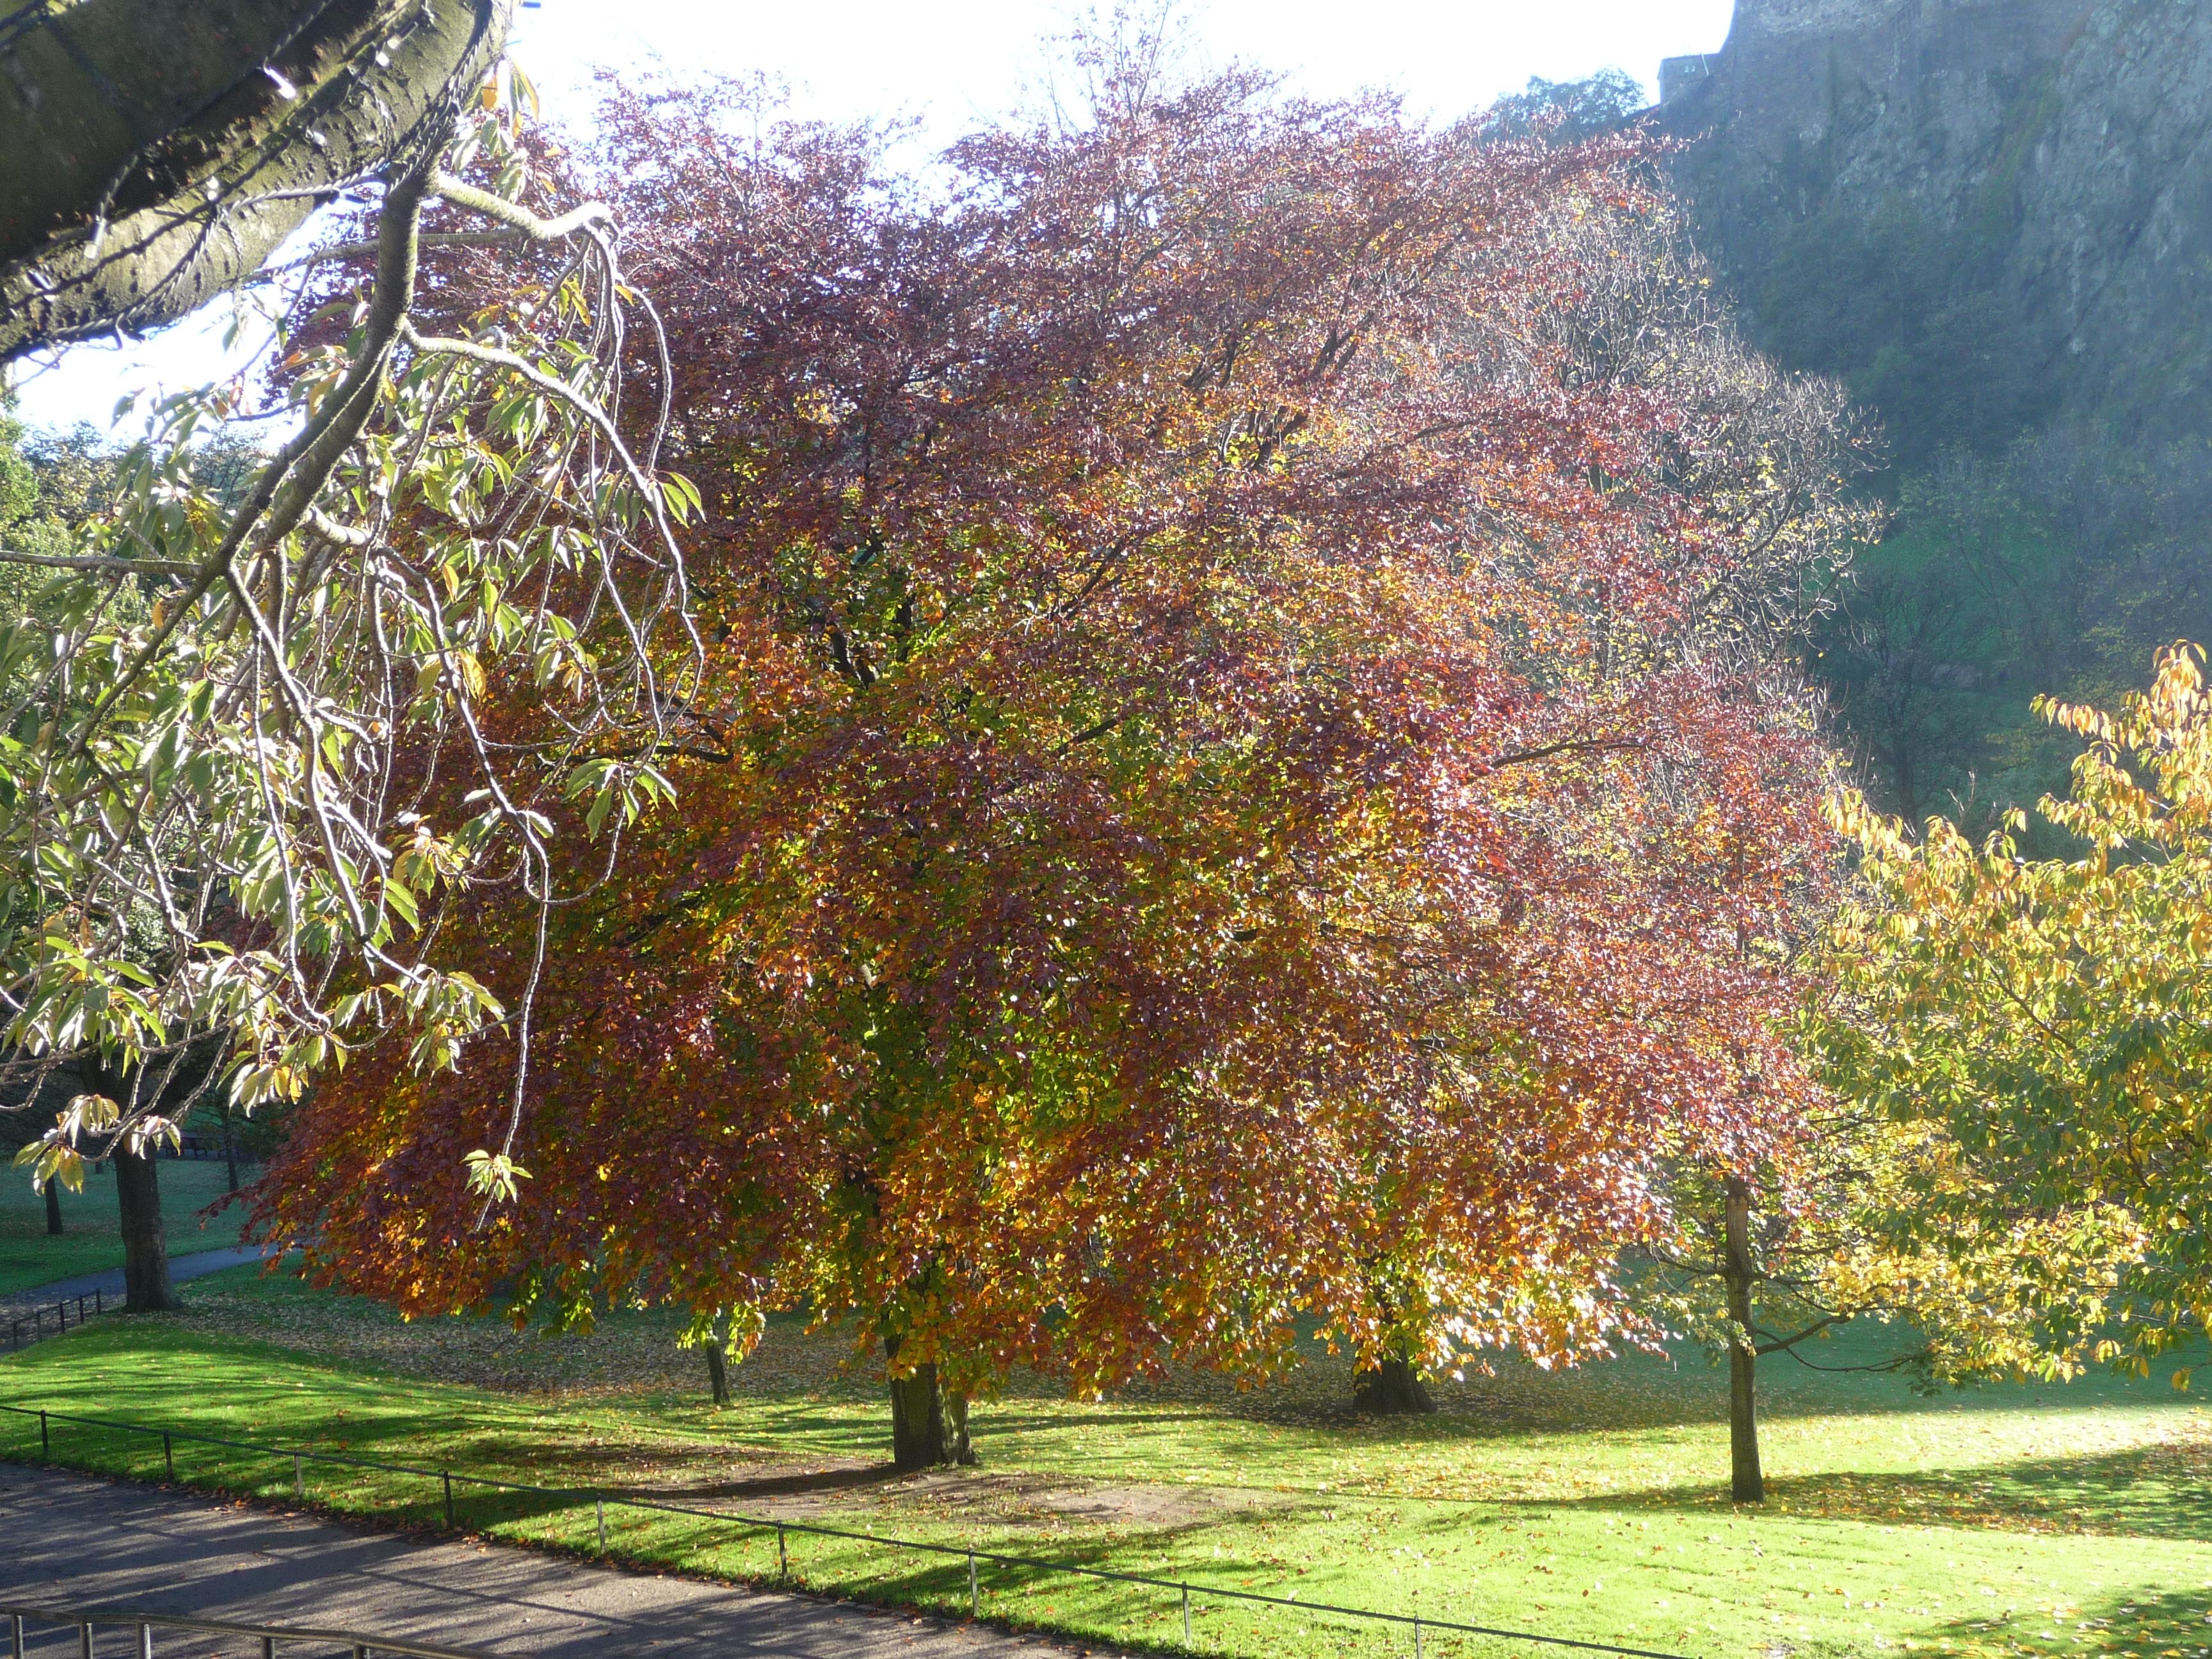 File:Princes Street Gardens, Nov 2011 (6321959283).jpg - Wikimedia ...